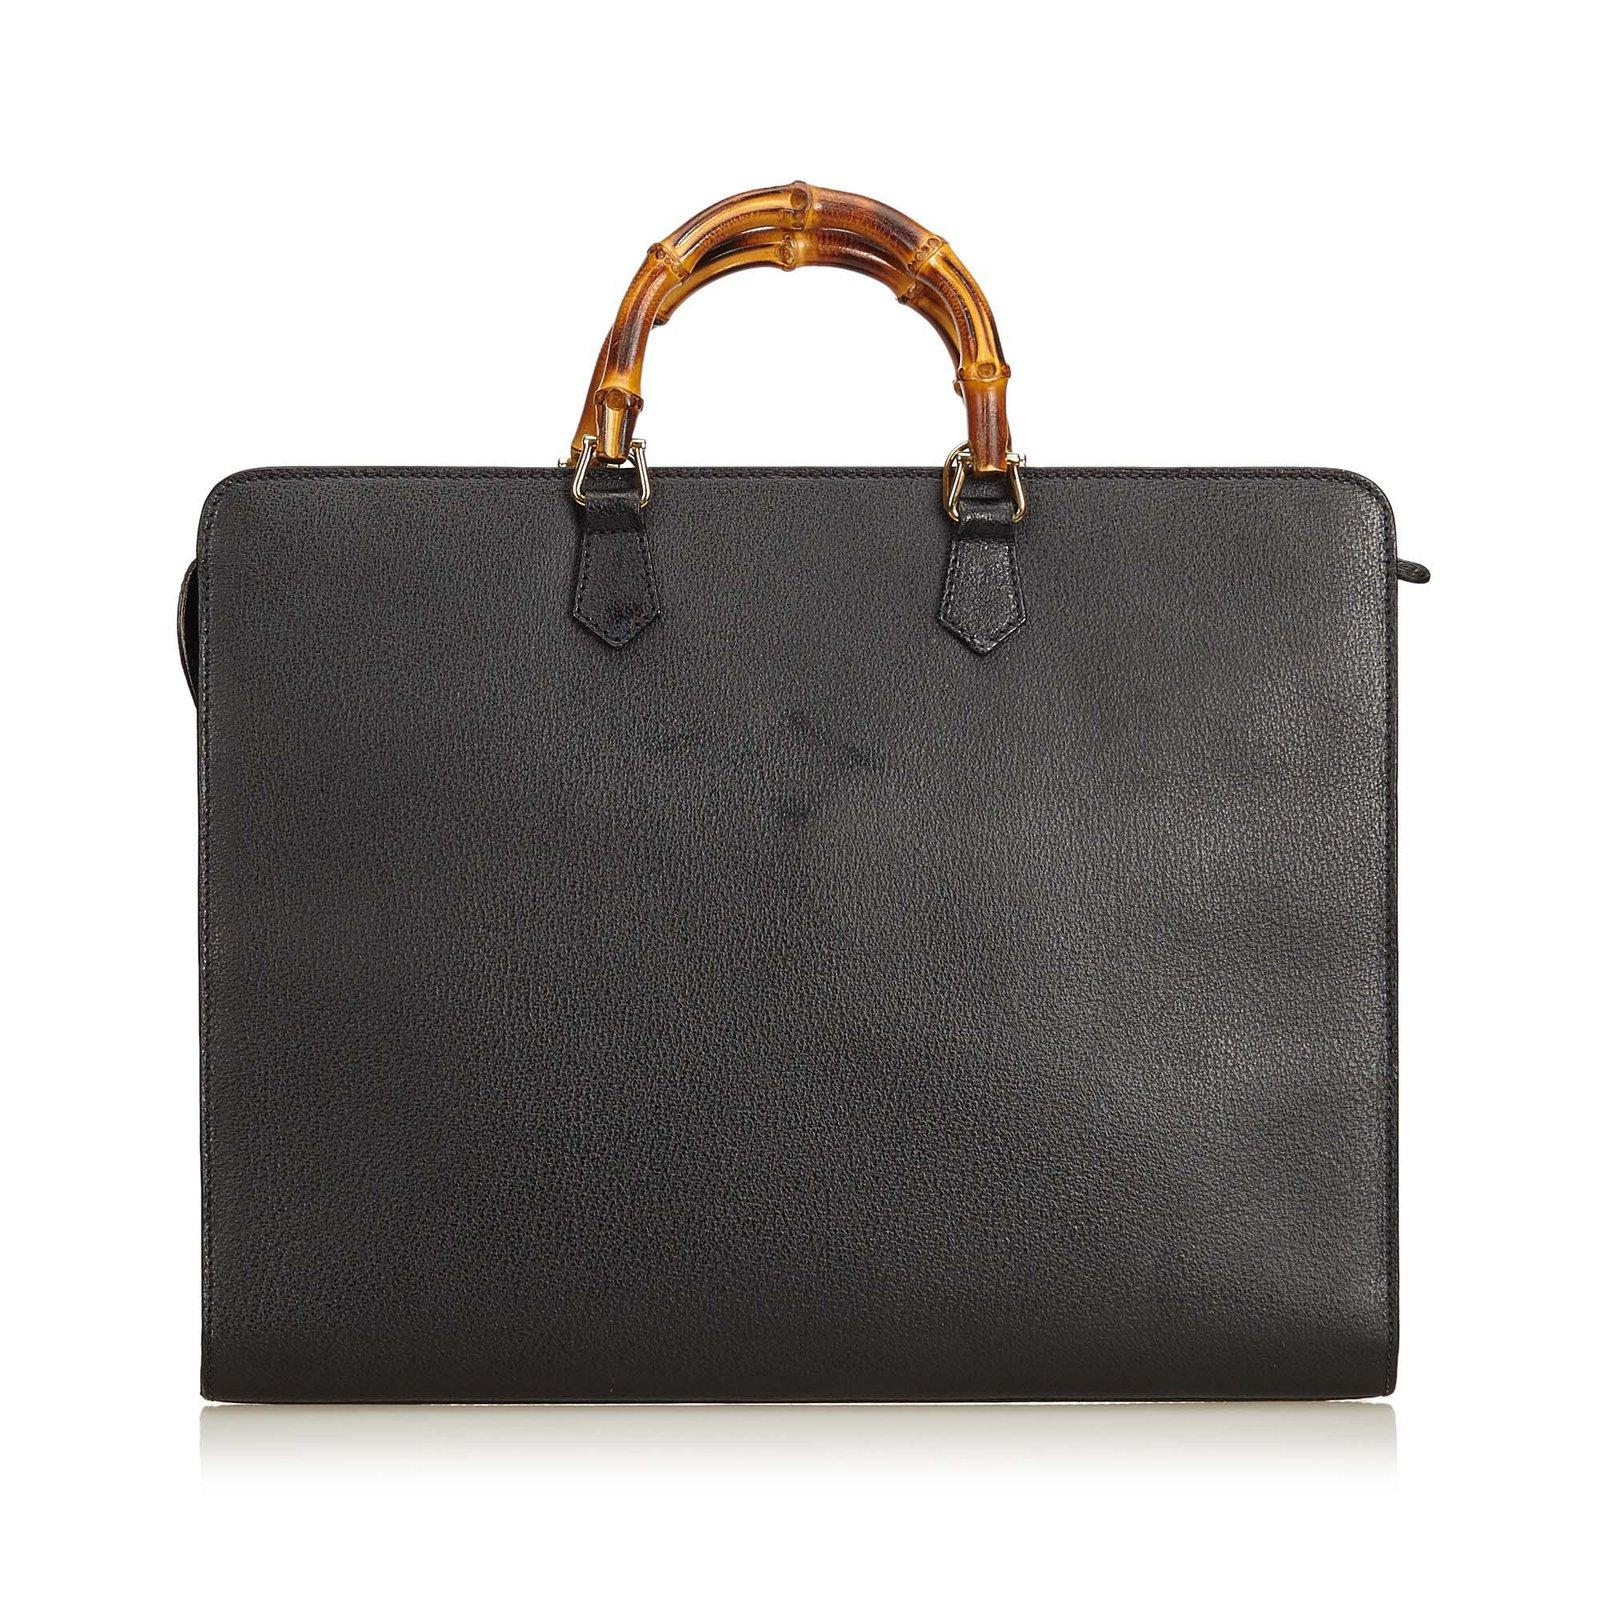 Sacs de voyage Gucci Sac d affaires en bambou Cuir,Autre Noir ref.93692 -  Joli Closet b4115ed706b